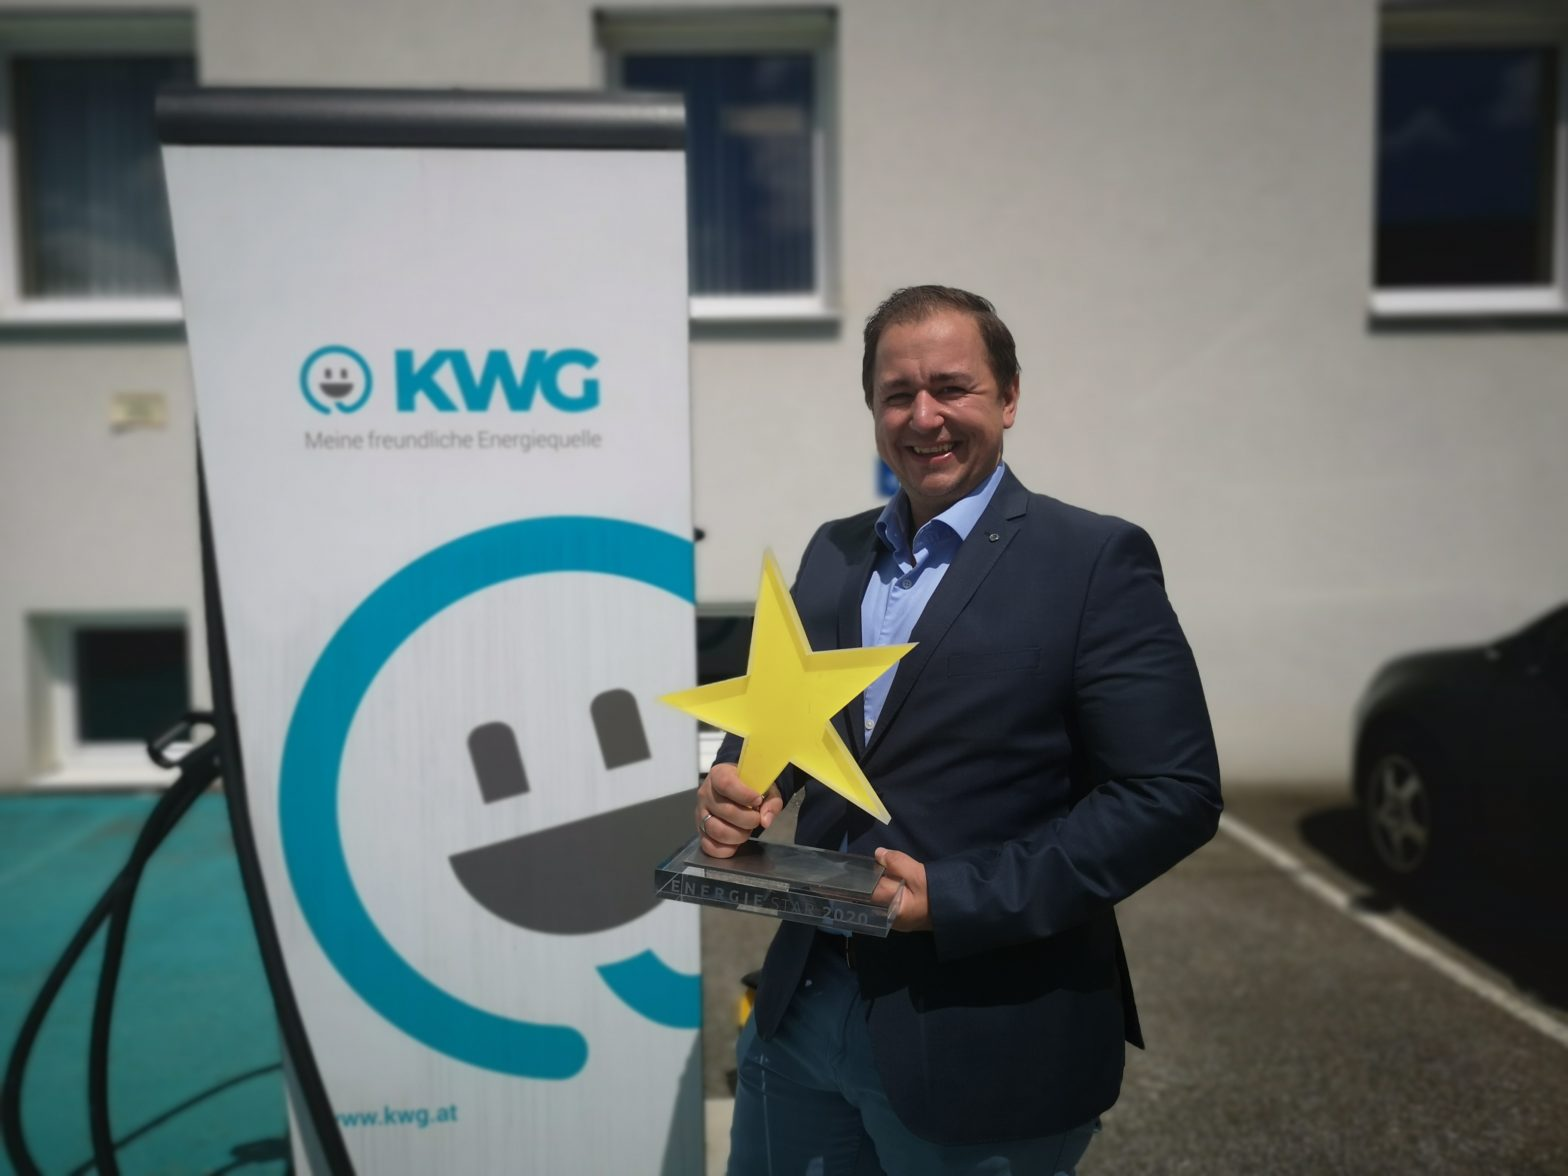 KWG mit Energie Star ausgezeichnet